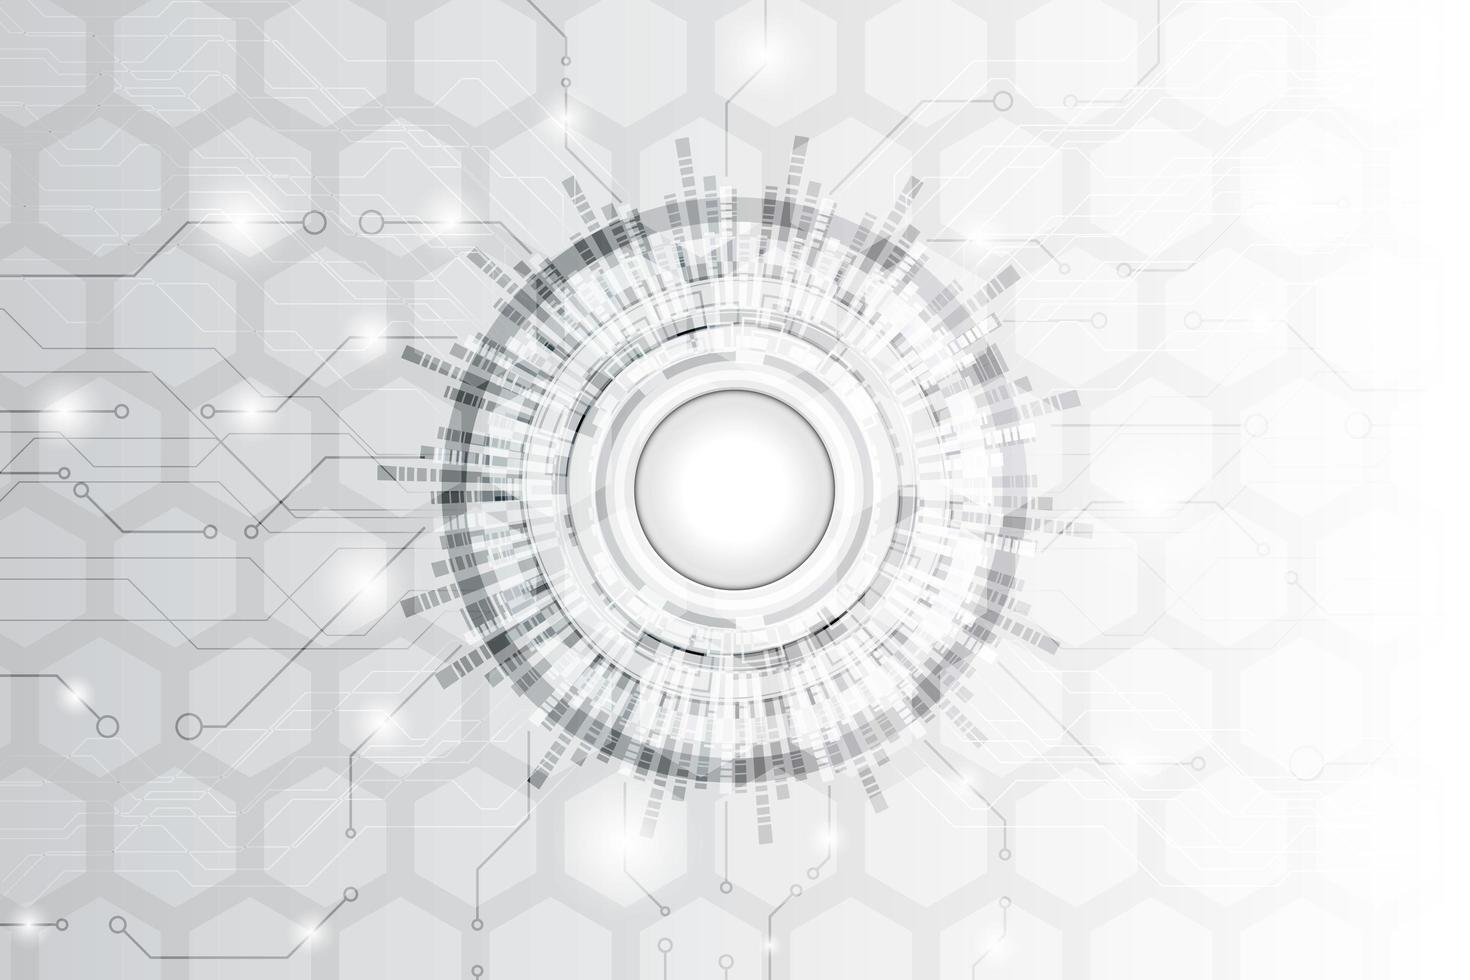 abstrakt svartvit teknik redskap bakgrund vektor